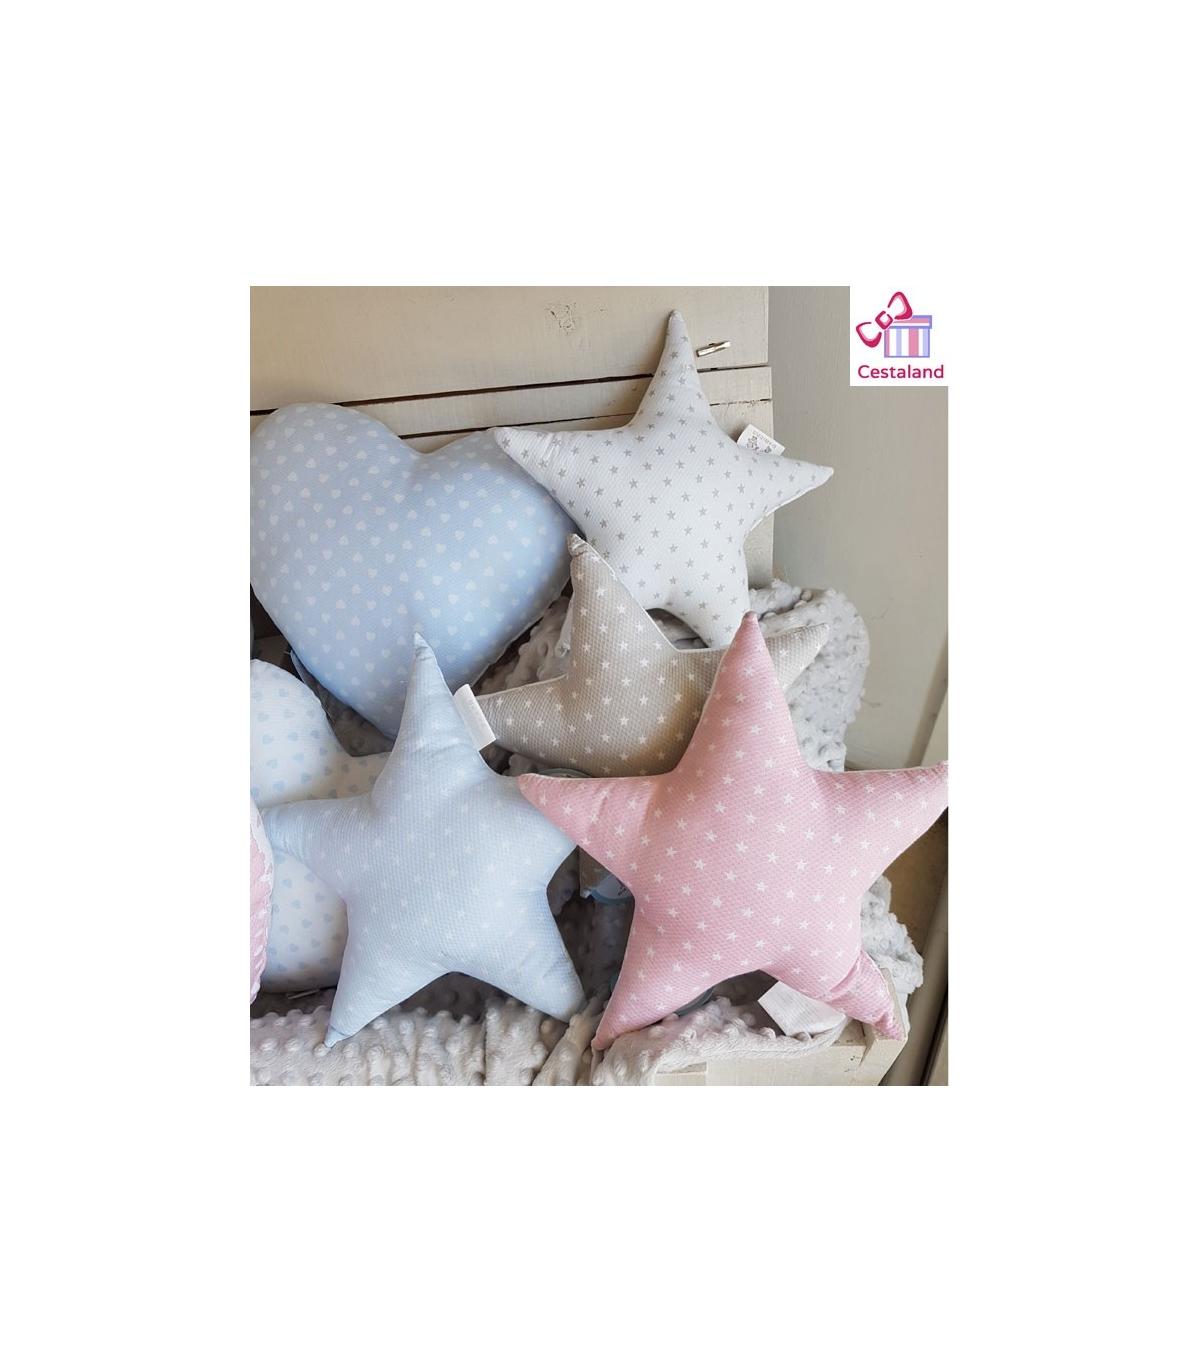 Cojin estrella bebes. Comprar cojines infantiles de formas estrella